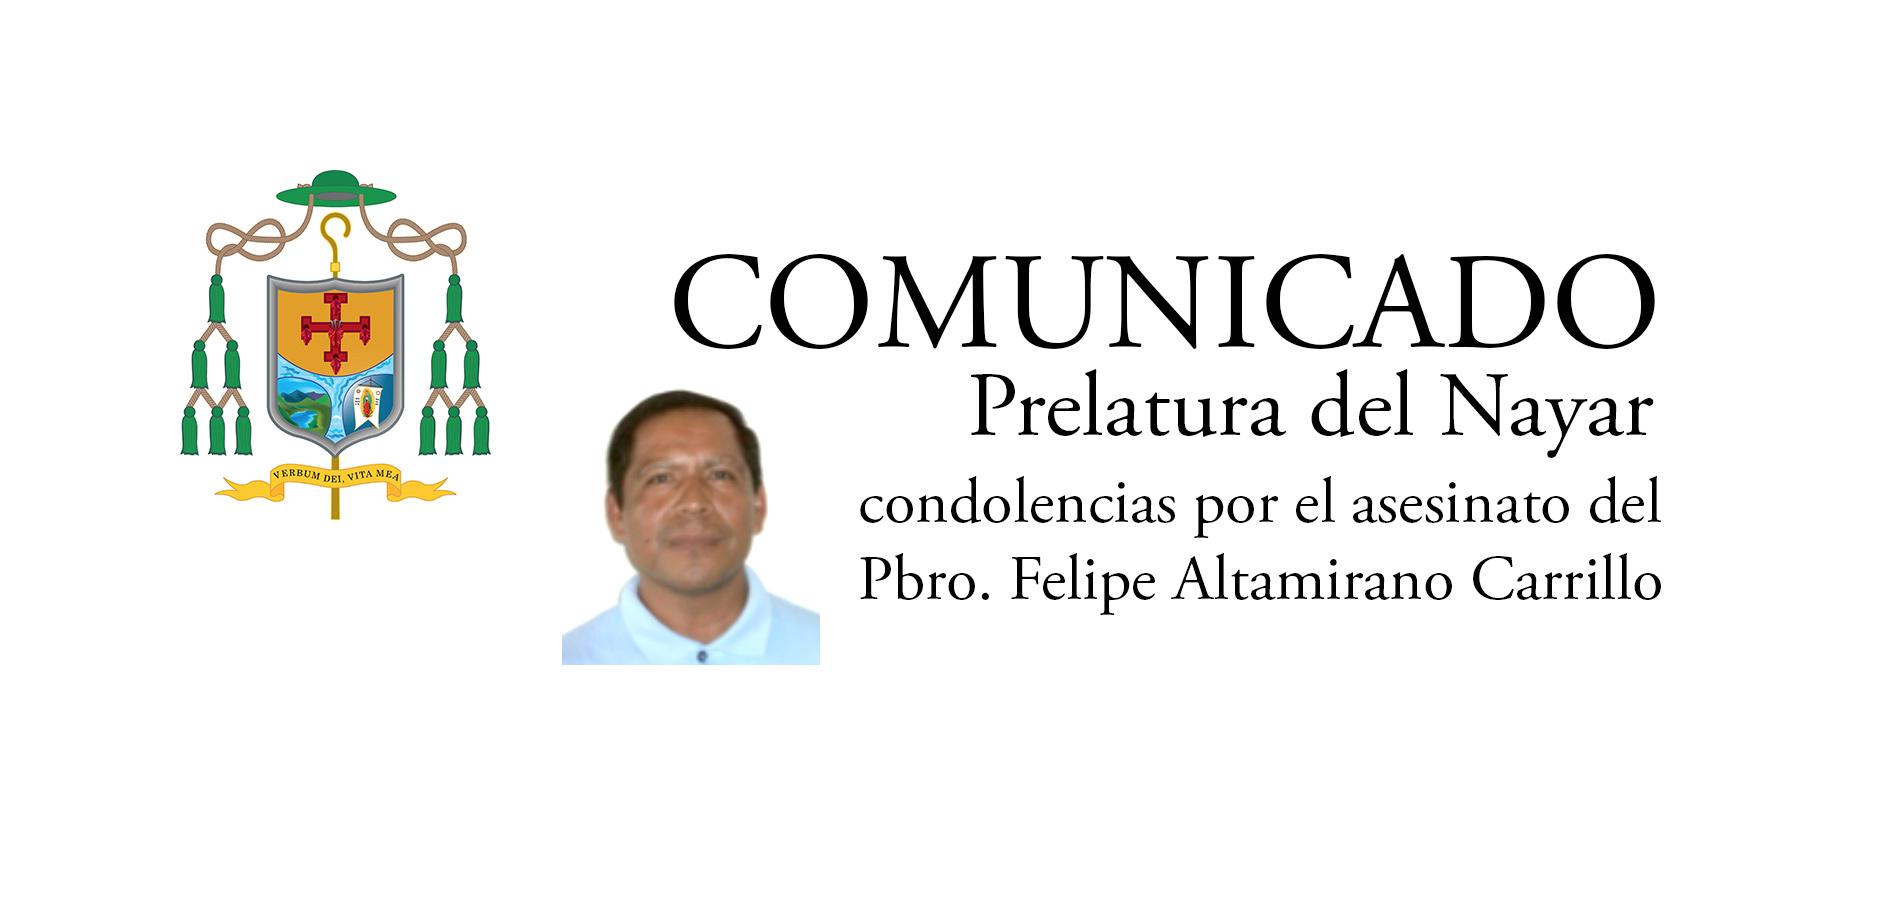 Prelatura del Nayar lanza sus condolencias por sacerdote asesinado